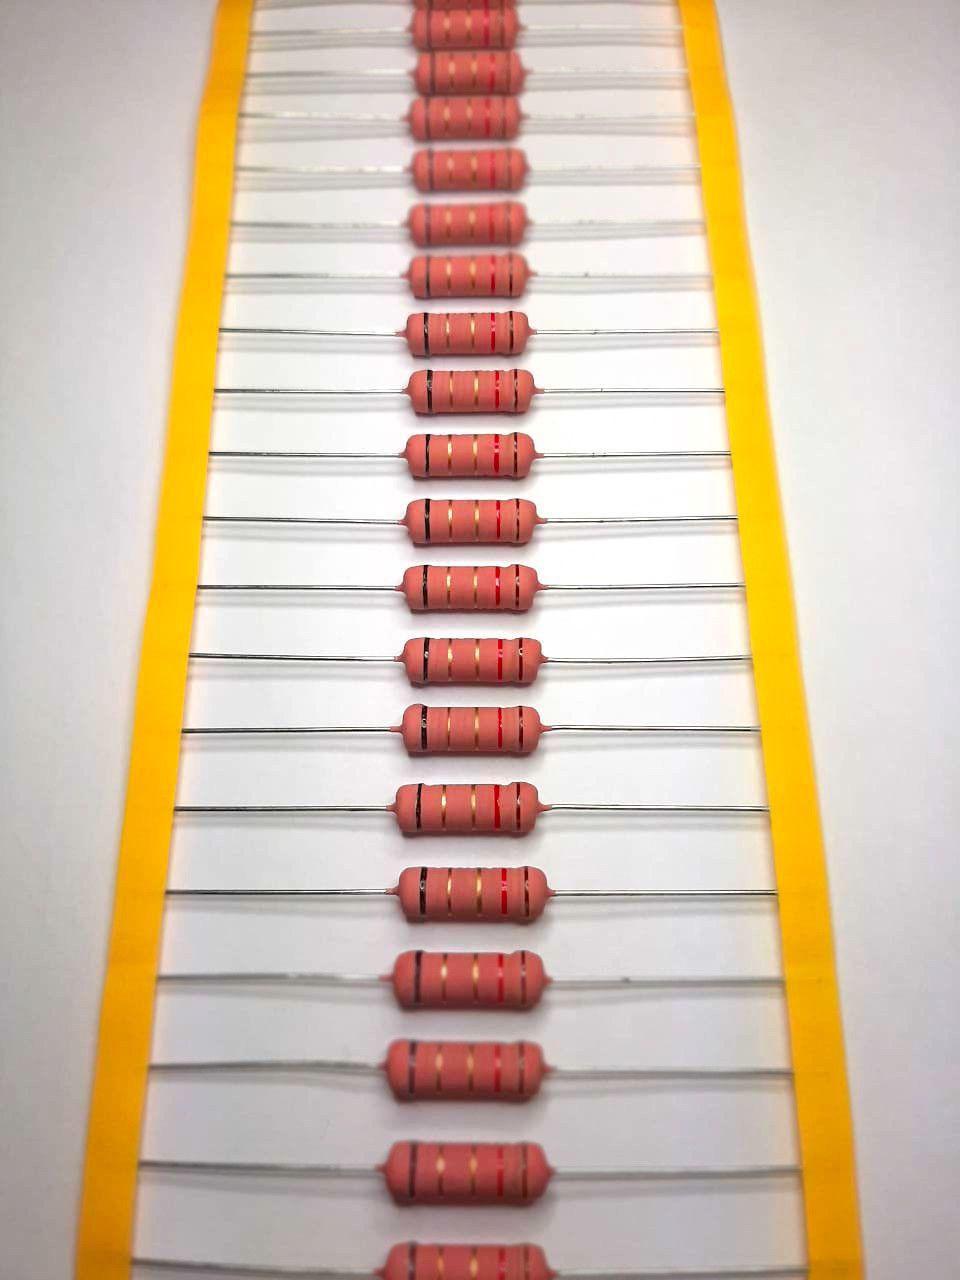 Resistores de Fio 5WS 5% Valores 0R10 Até 0R82 Caixa com 500 Peças